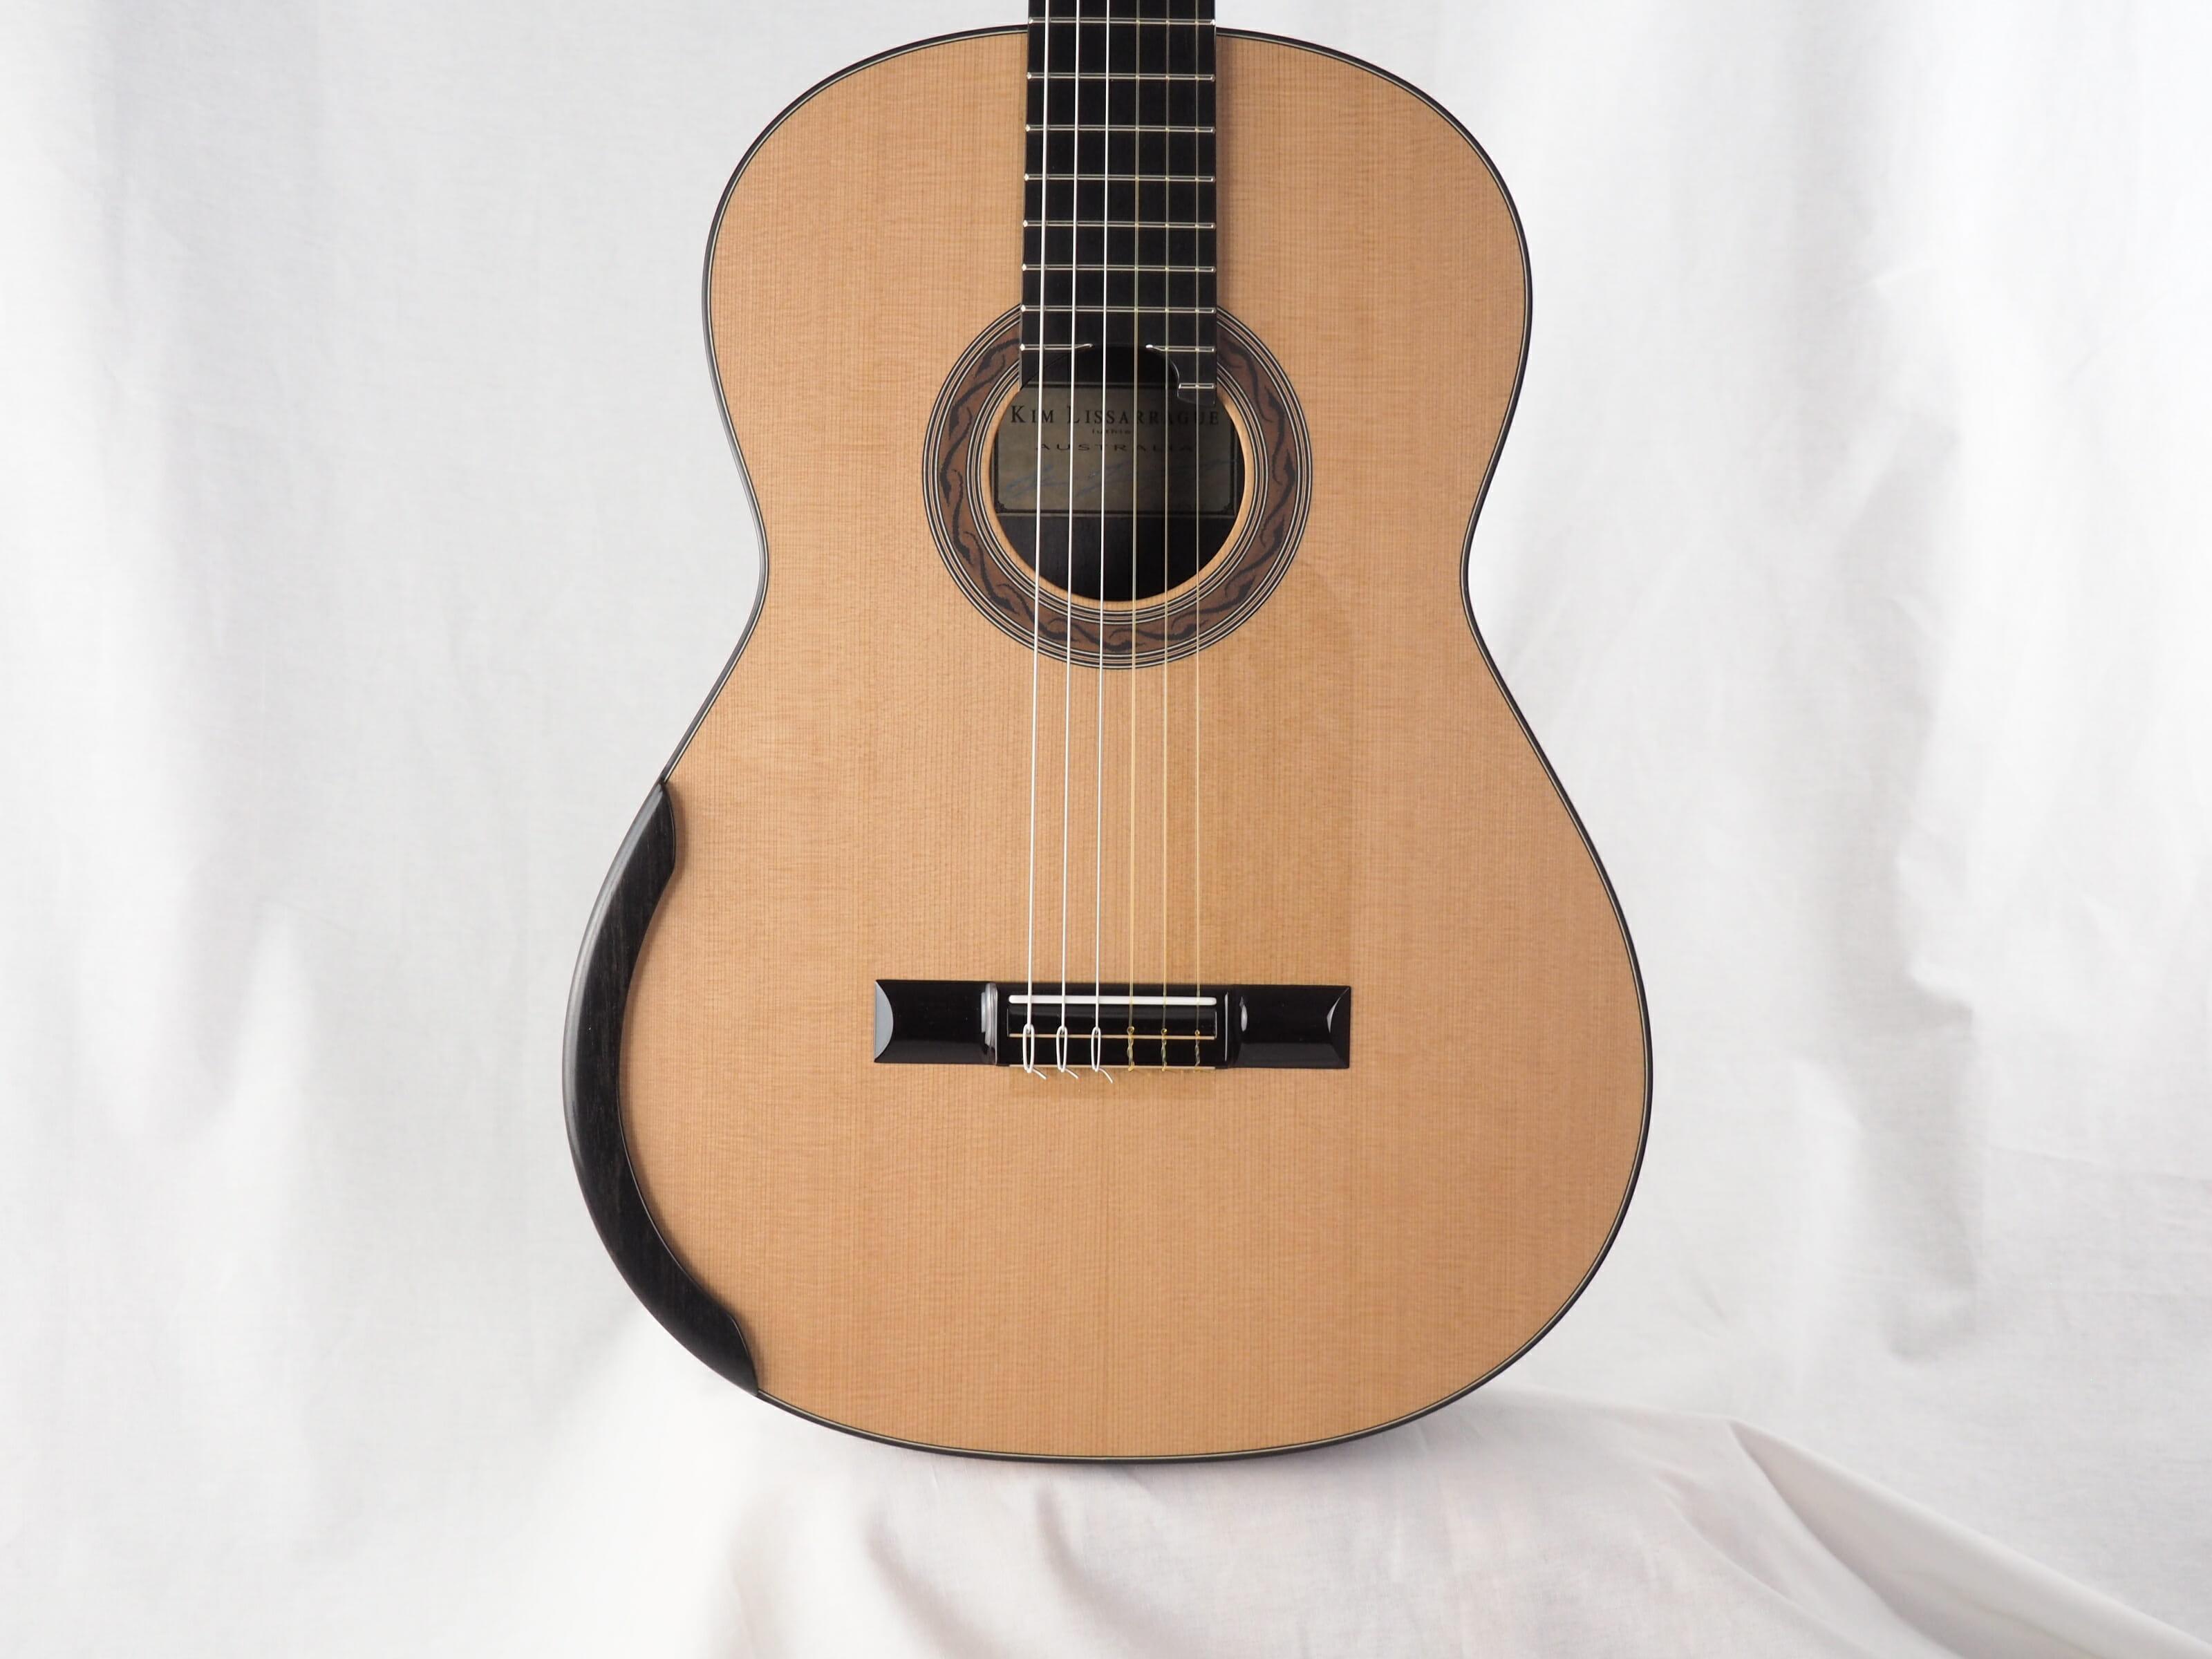 Kim Lissarrague luthier guitare classique No 19LIS328-11